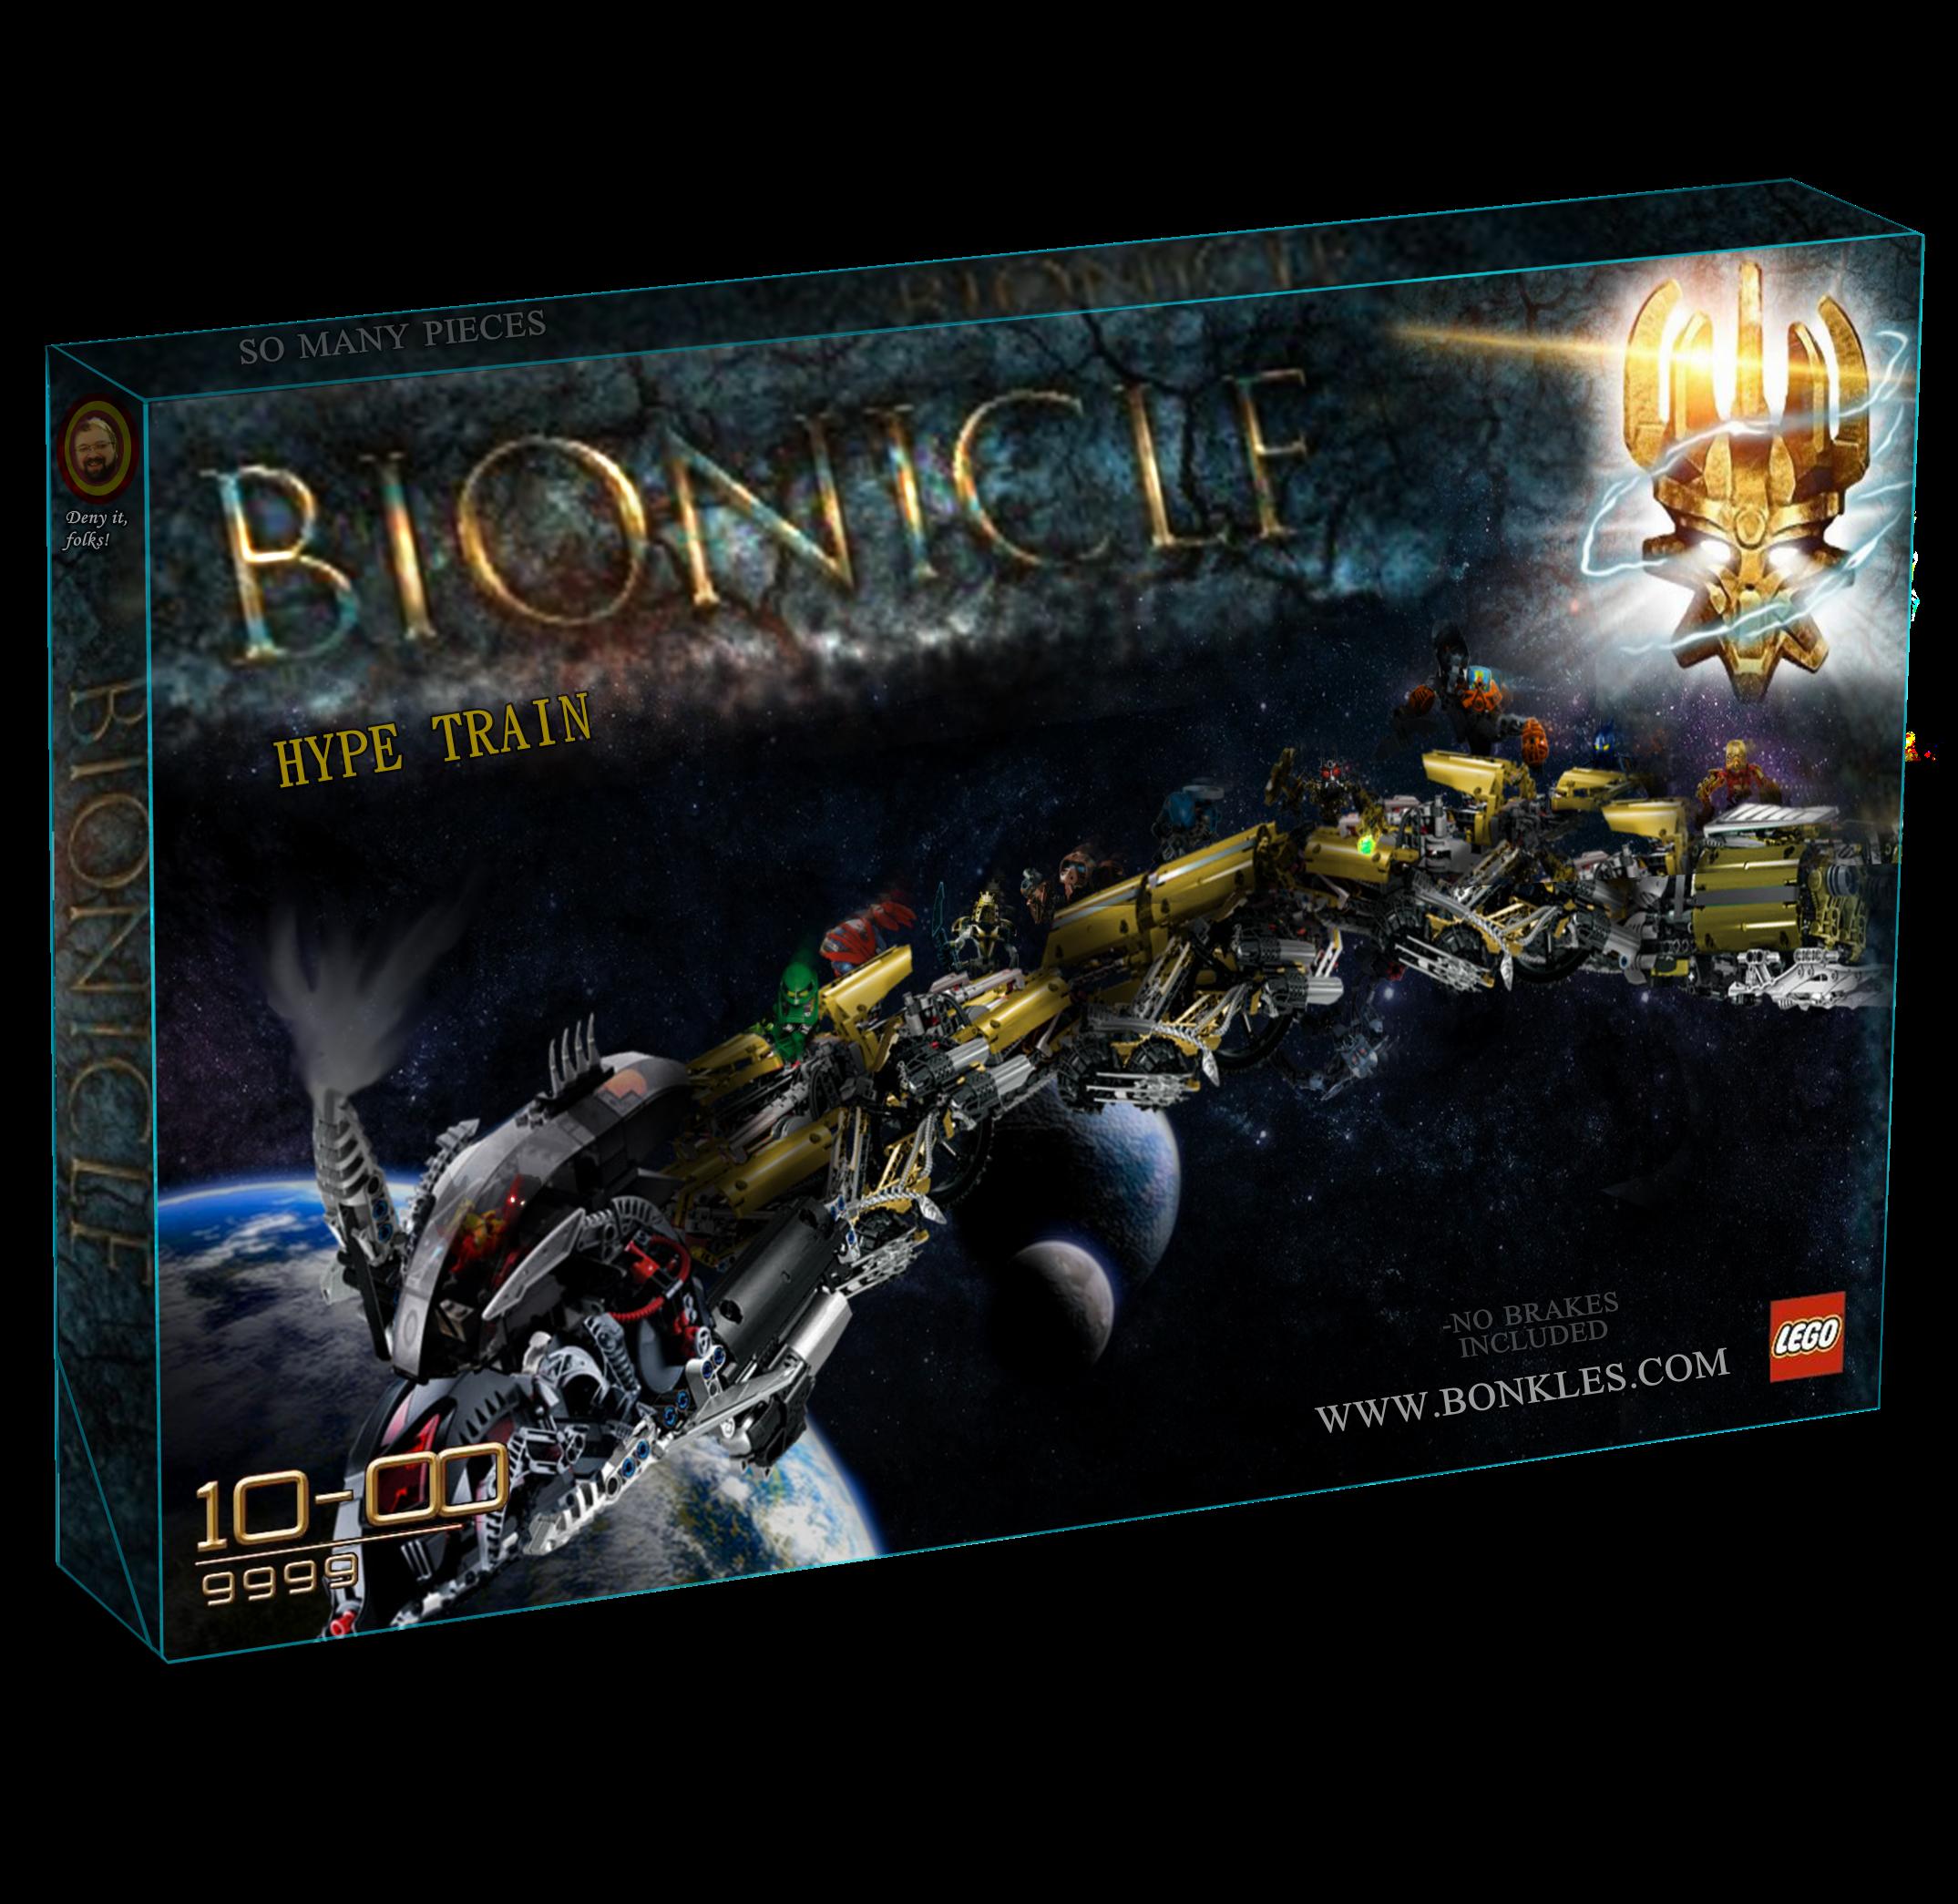 [Produits] BIONICLE 2015 : Retour sur la Comic Con de New York Bionicle_2015_hype_train_set_revealed__by_darthdestruktor-d8044rt